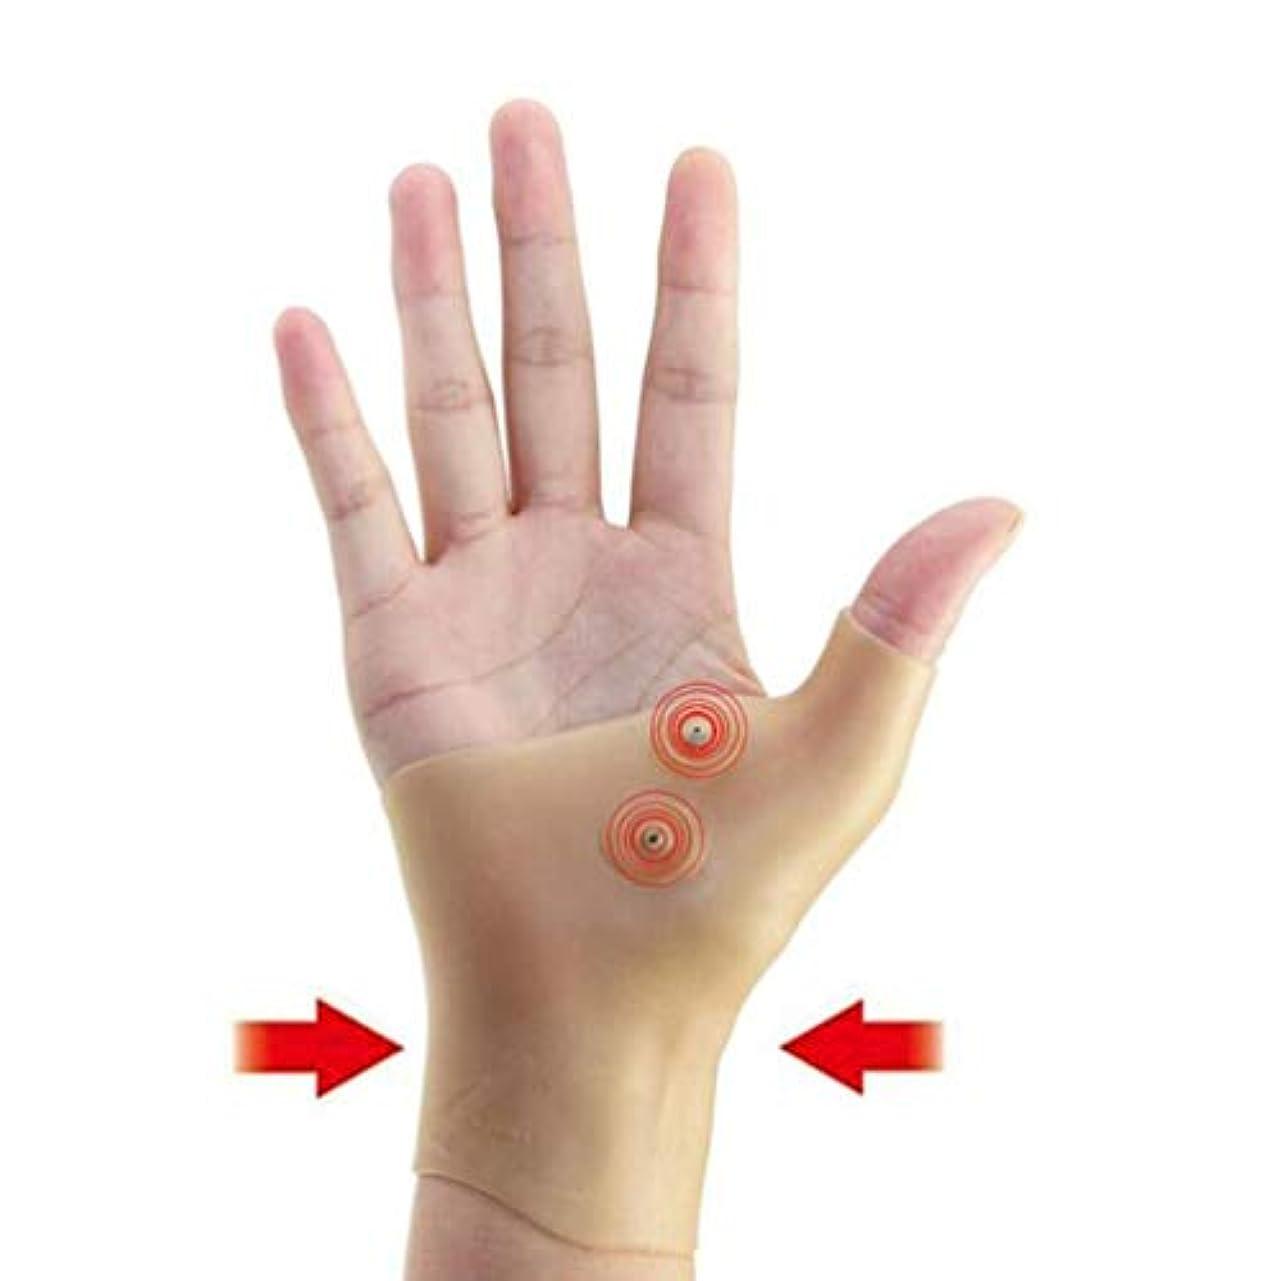 達成する聞きます電気磁気療法手首手親指サポート手袋シリコーンゲル関節炎圧力矯正器マッサージ痛み緩和手袋 - 肌の色